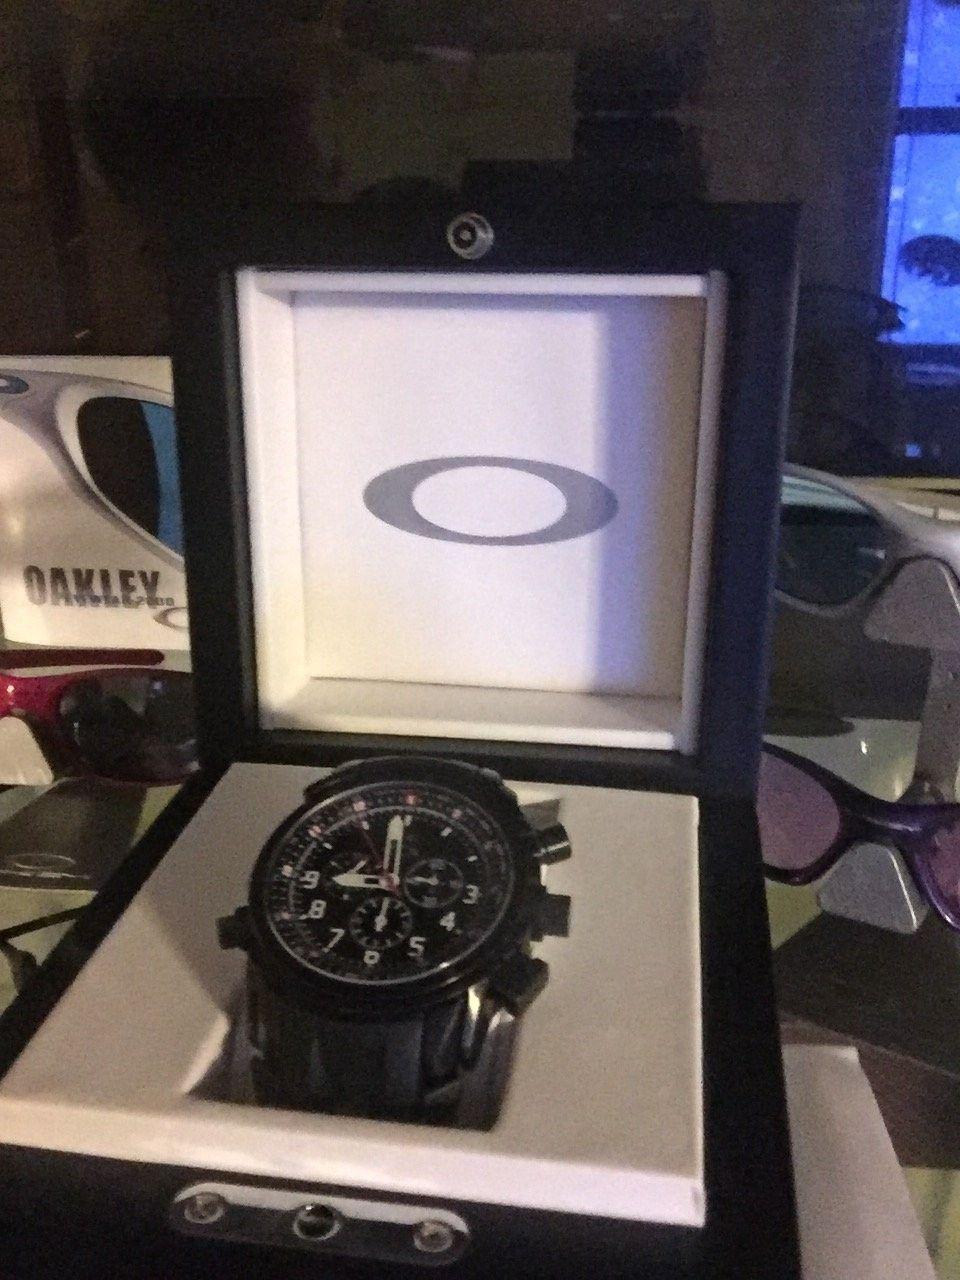 My first watch - image.jpeg